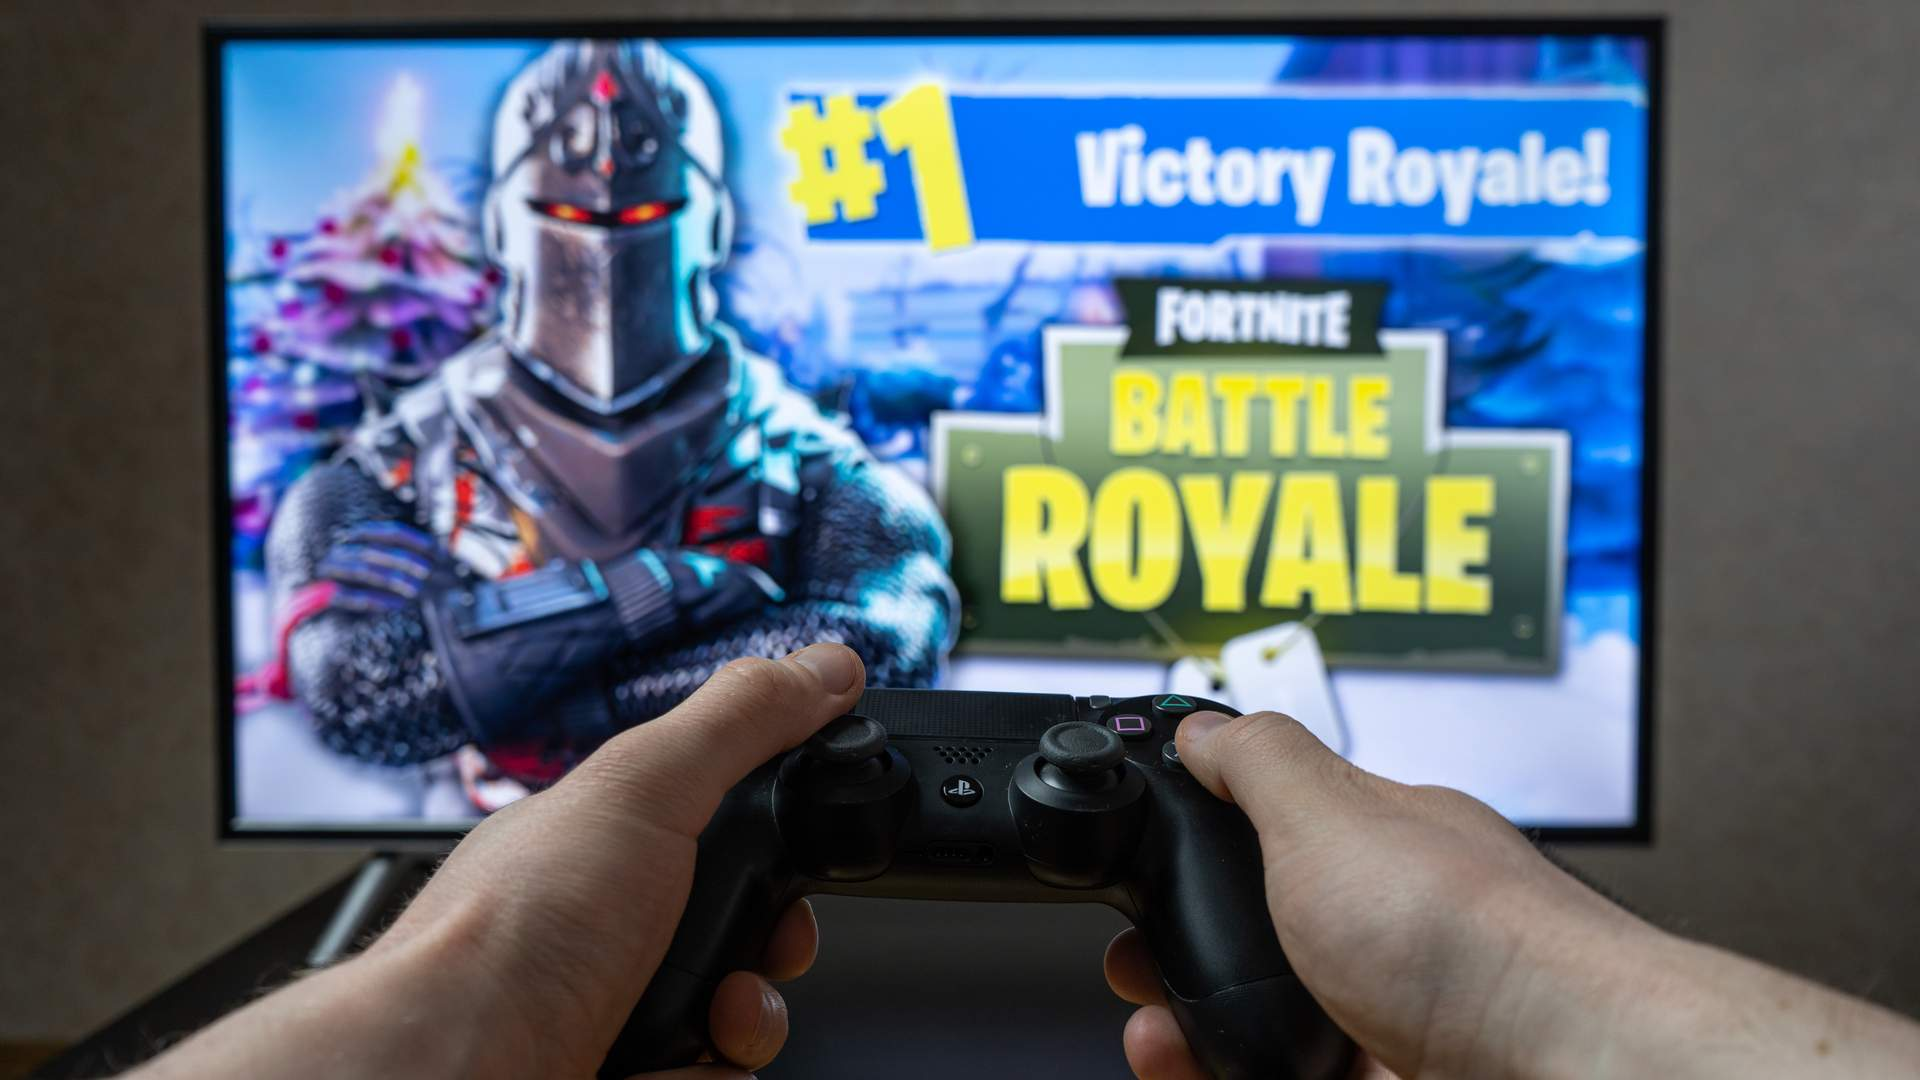 Fortnite Battle Royale é um dos jogos competitivos mais versáteis, podendo ser jogado em computadores, videogames e celulares (Fonte: Shutterstock/Rokas Tenys)